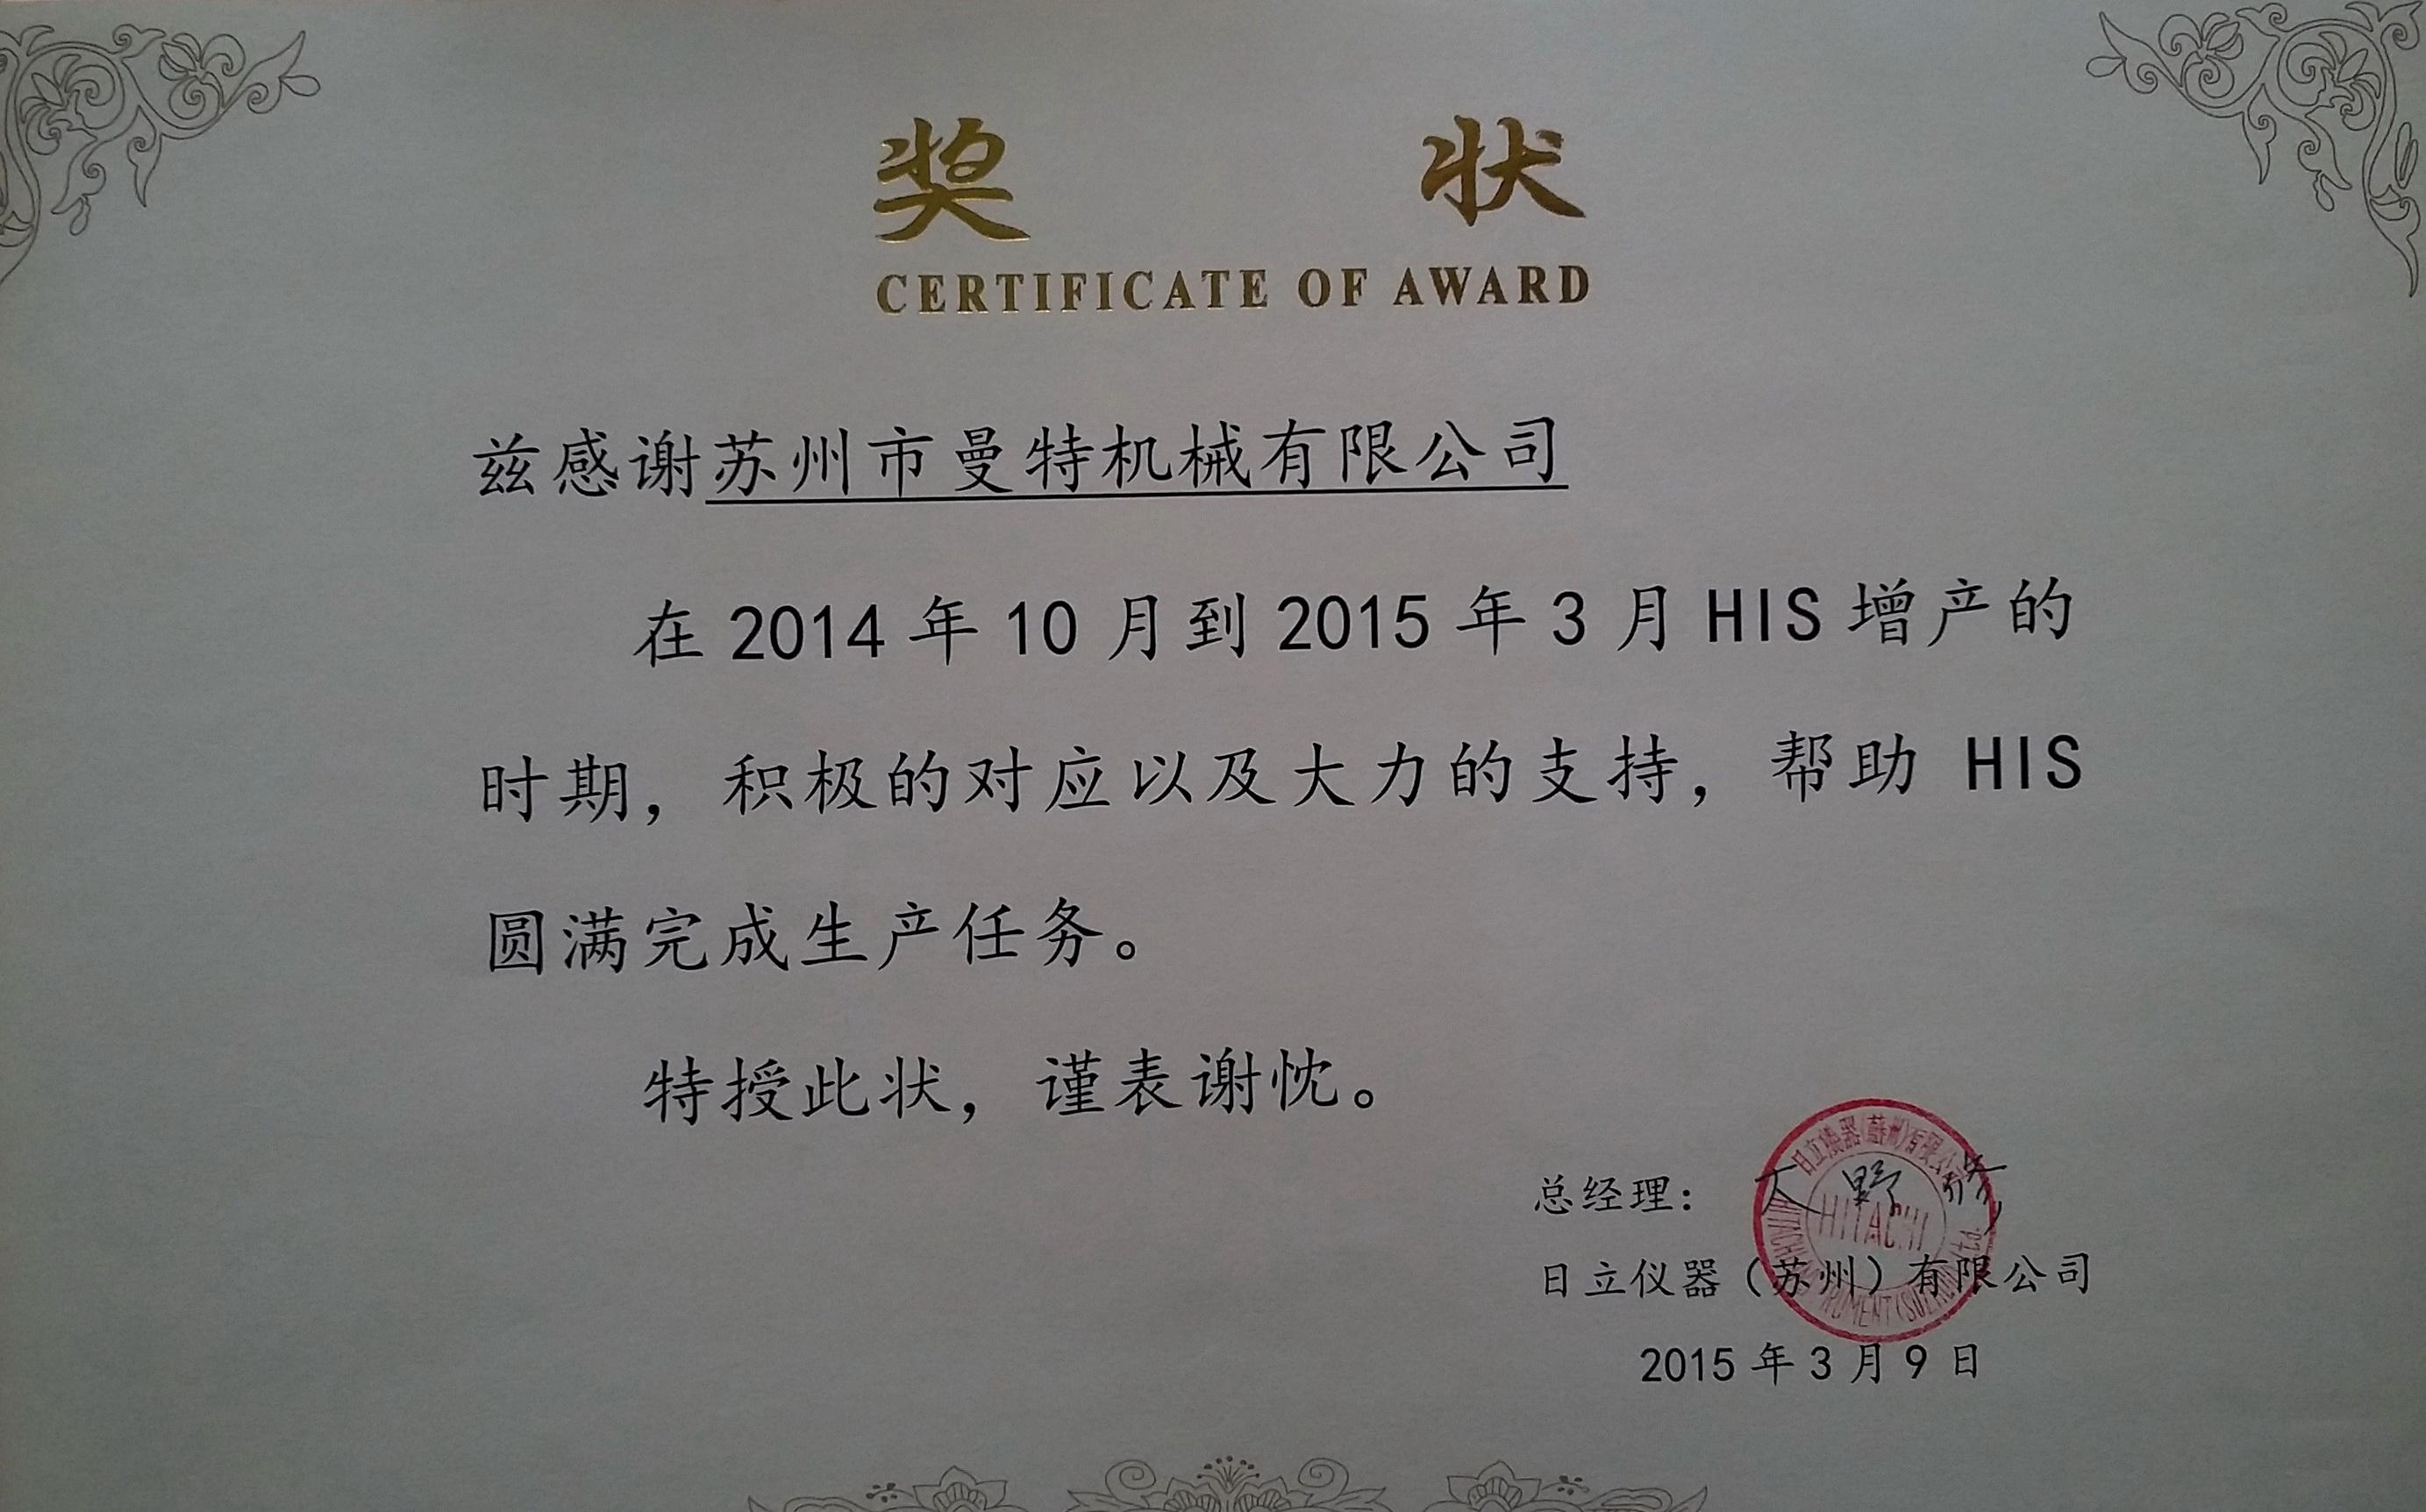 公司荣获日立yiliao2014 - 2015 du HIS 项mu奖